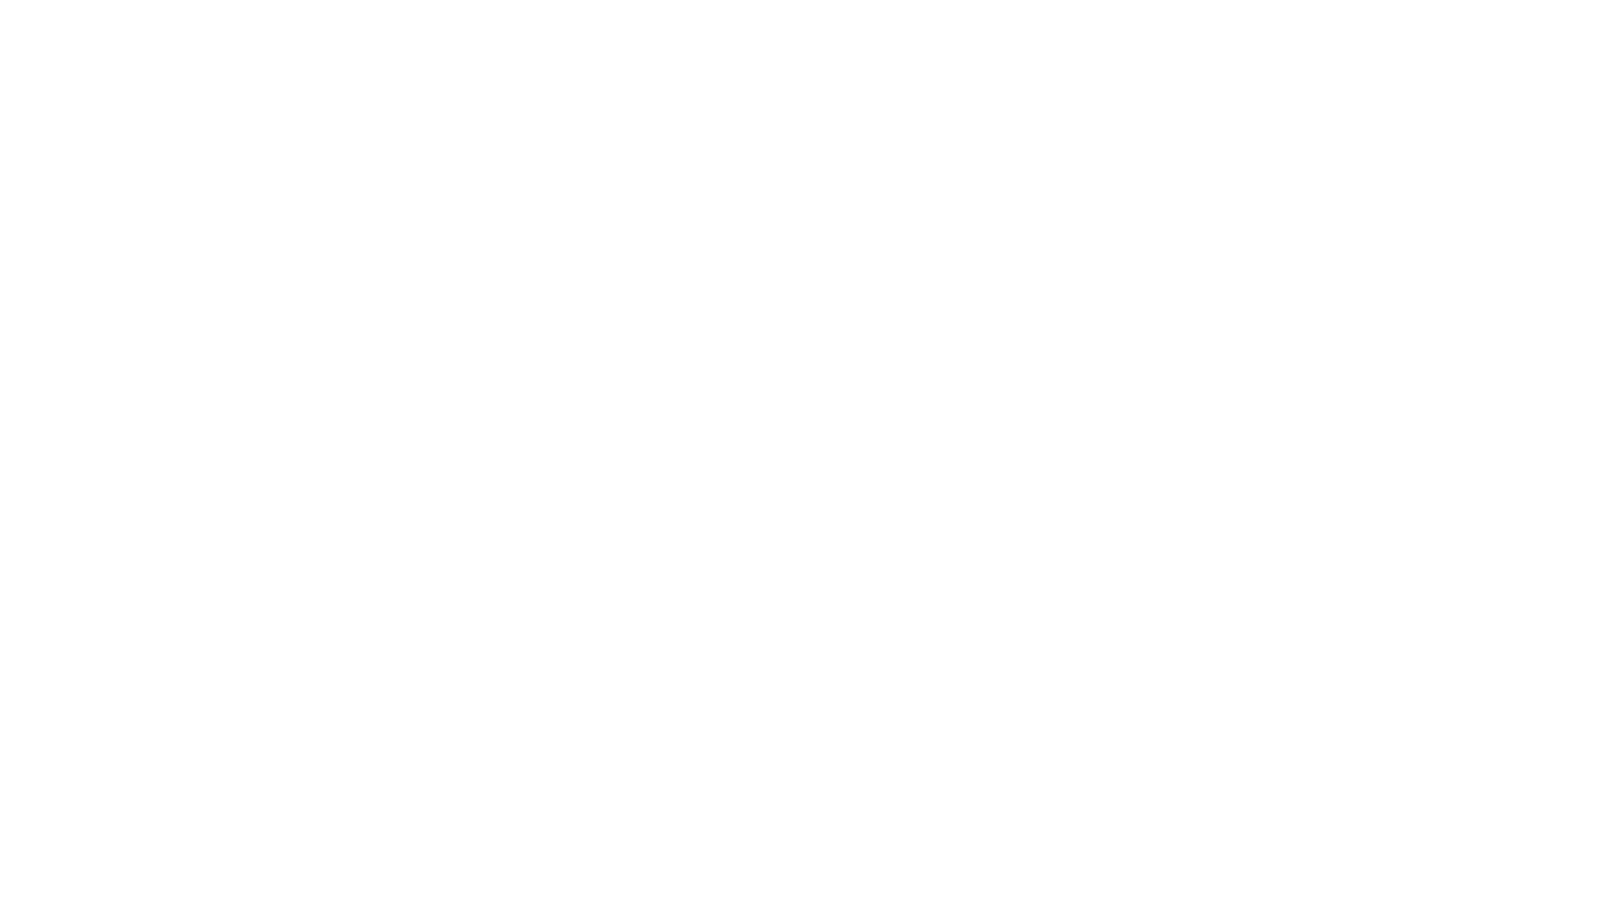 🌃 Durante la Noche Europea de los Investigadores de Madrid de 2021, coordinada por la Fundación Madrid, tenemos el placer de presentaros nuestros próximos vídeos del proyecto En Profundidad de WIM Spain.  👩🔬 En este vídeo escuchamos los testimonios de Soledad Domingo Martínez, geóloga especialista en paleontología, y Laura Domingo Martínez, geóloga especializada en paleoclima.  📢 Desde WIM Spain, queremos agradecer a todas las personas que han colaborado en la creación, organización y publicación de estos vídeos, ¡y esperamos que sean de vuestro interés!  🌐 Si quieres ayudarnos con la lucha por la igualdad de género, ¡no dudes en compartir el enlace de este vídeo con tus compañeros y compañeras!